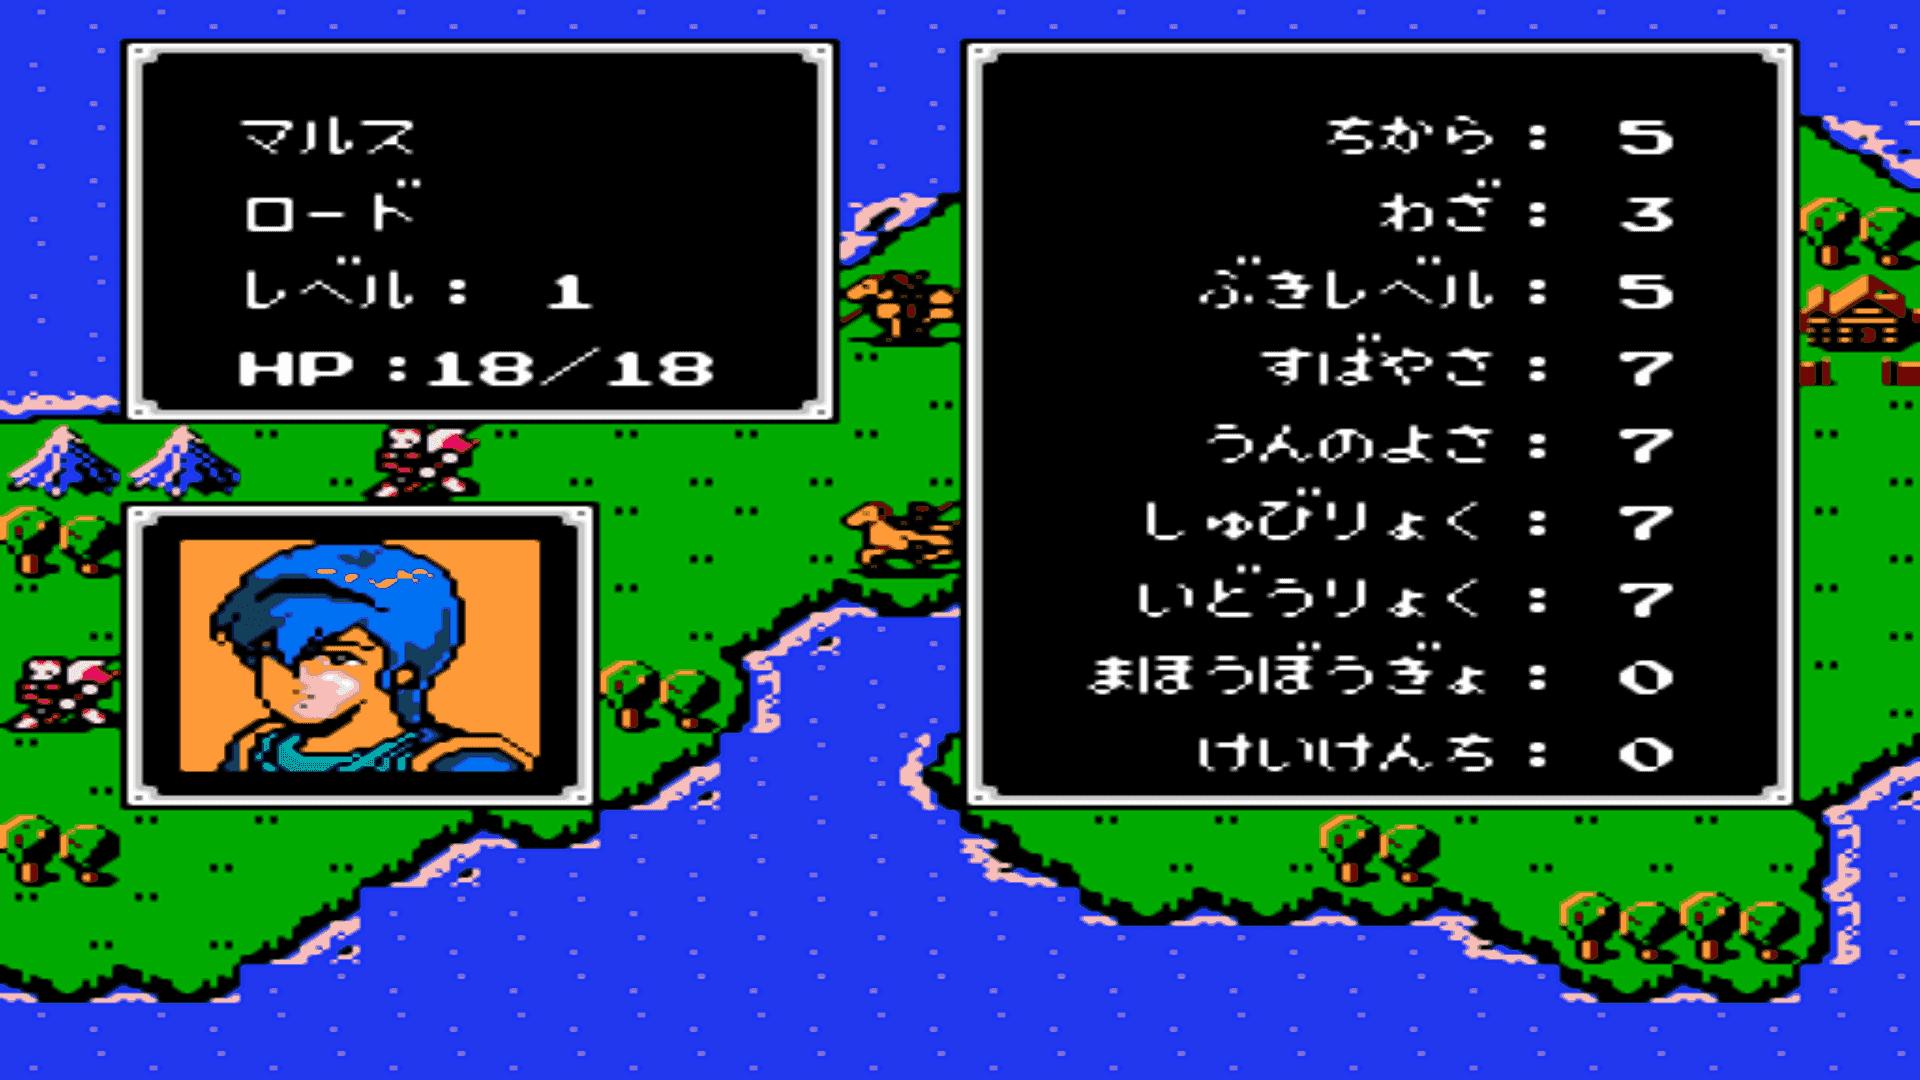 NES.emu_20161219_192008.png